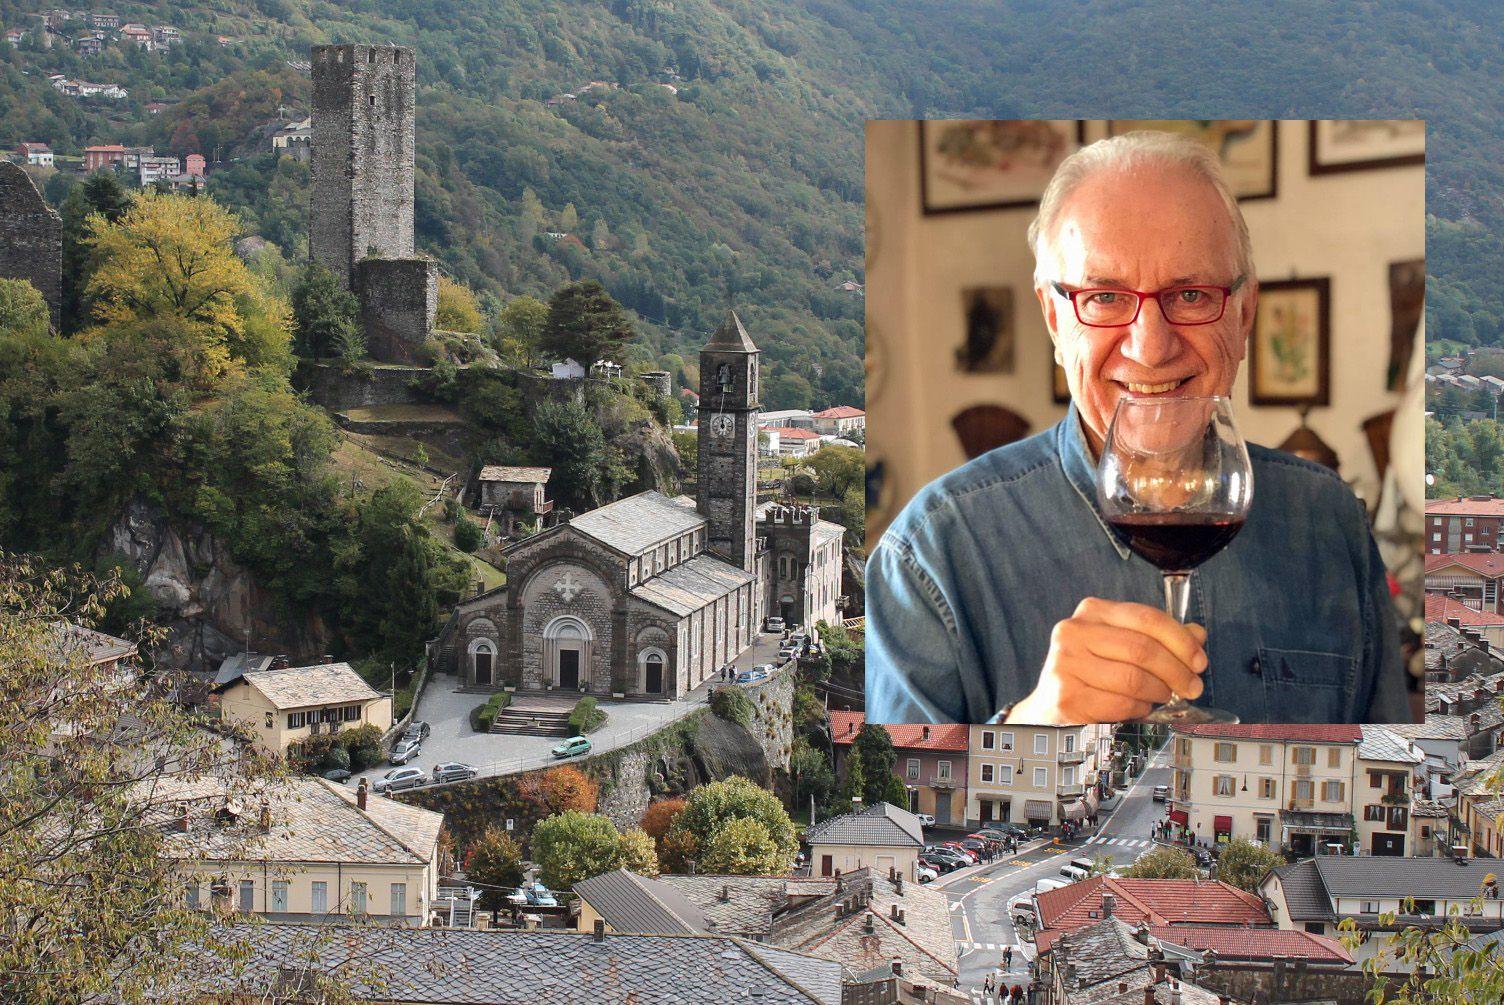 PONT CANAVESE - Il paese in lutto per l'addio a Marco Gallino